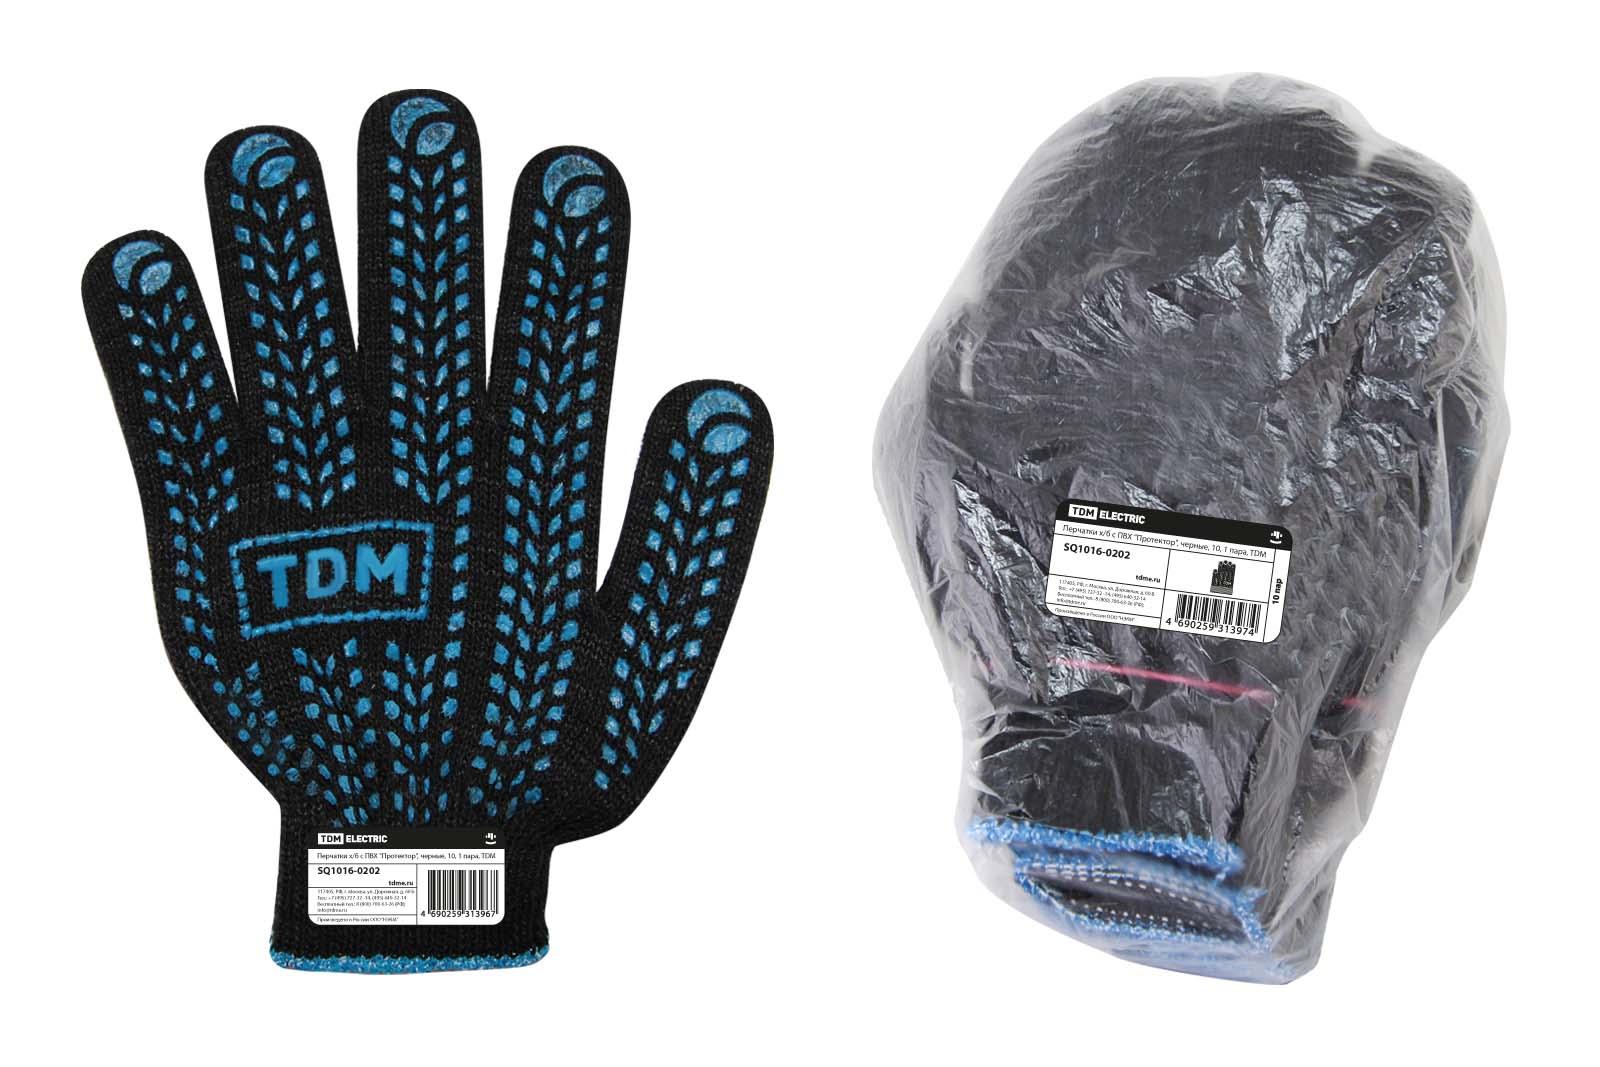 Перчатки обливные Tdm Sq1016-0202 б у станки делать х б перчатки